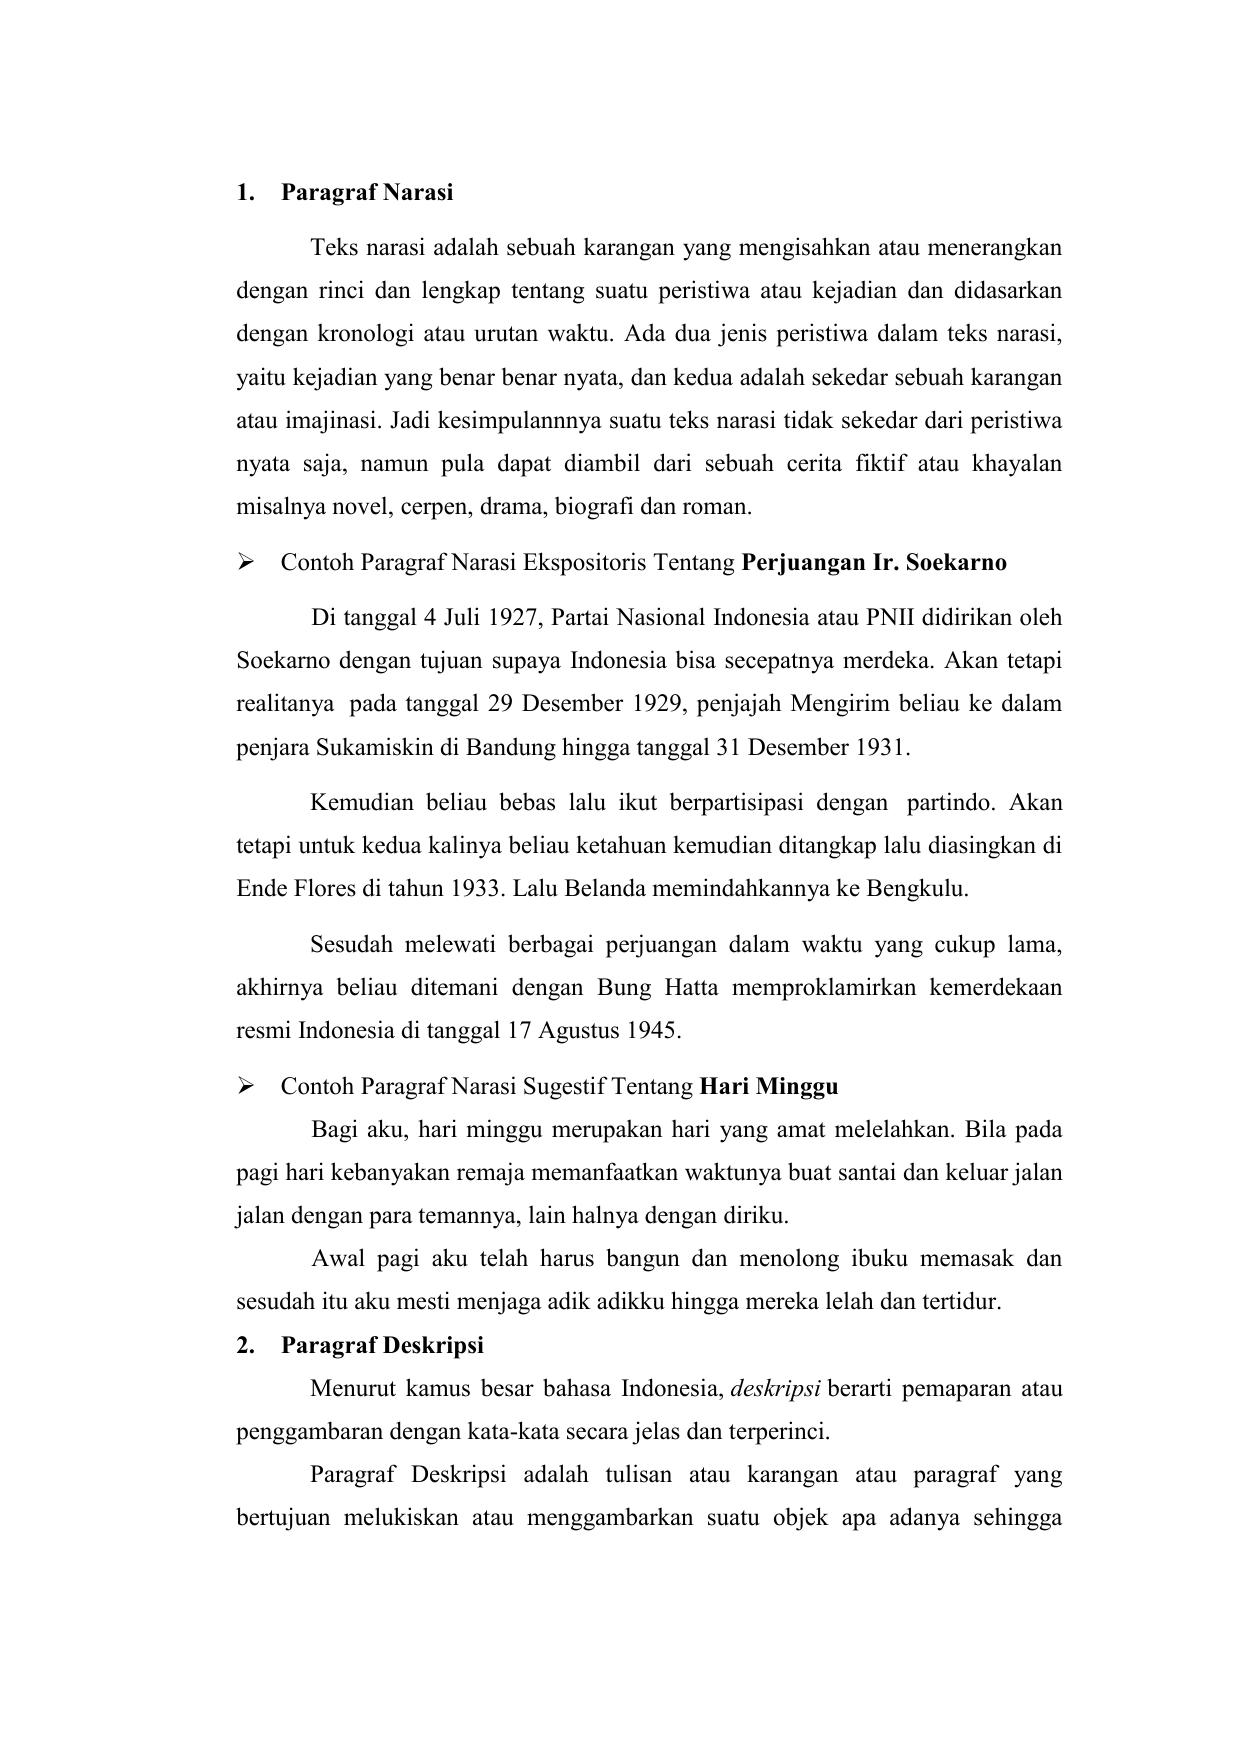 B Indo Paragraf